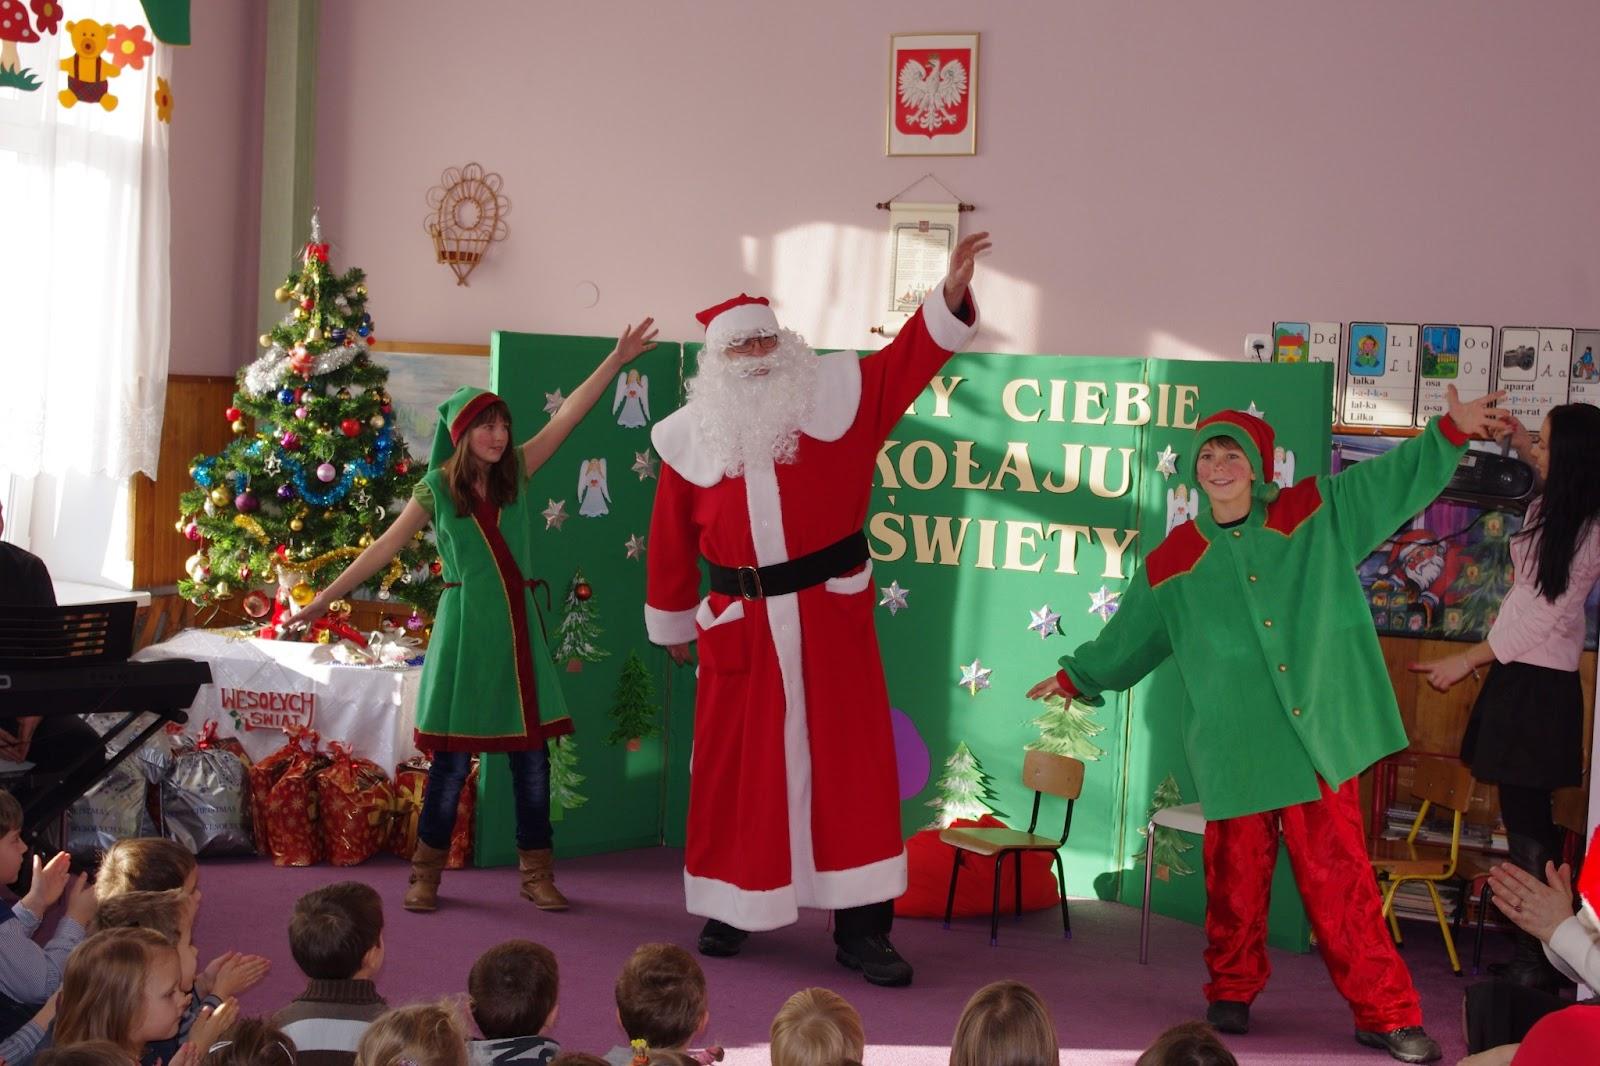 Przyjechał święty Mikołaj